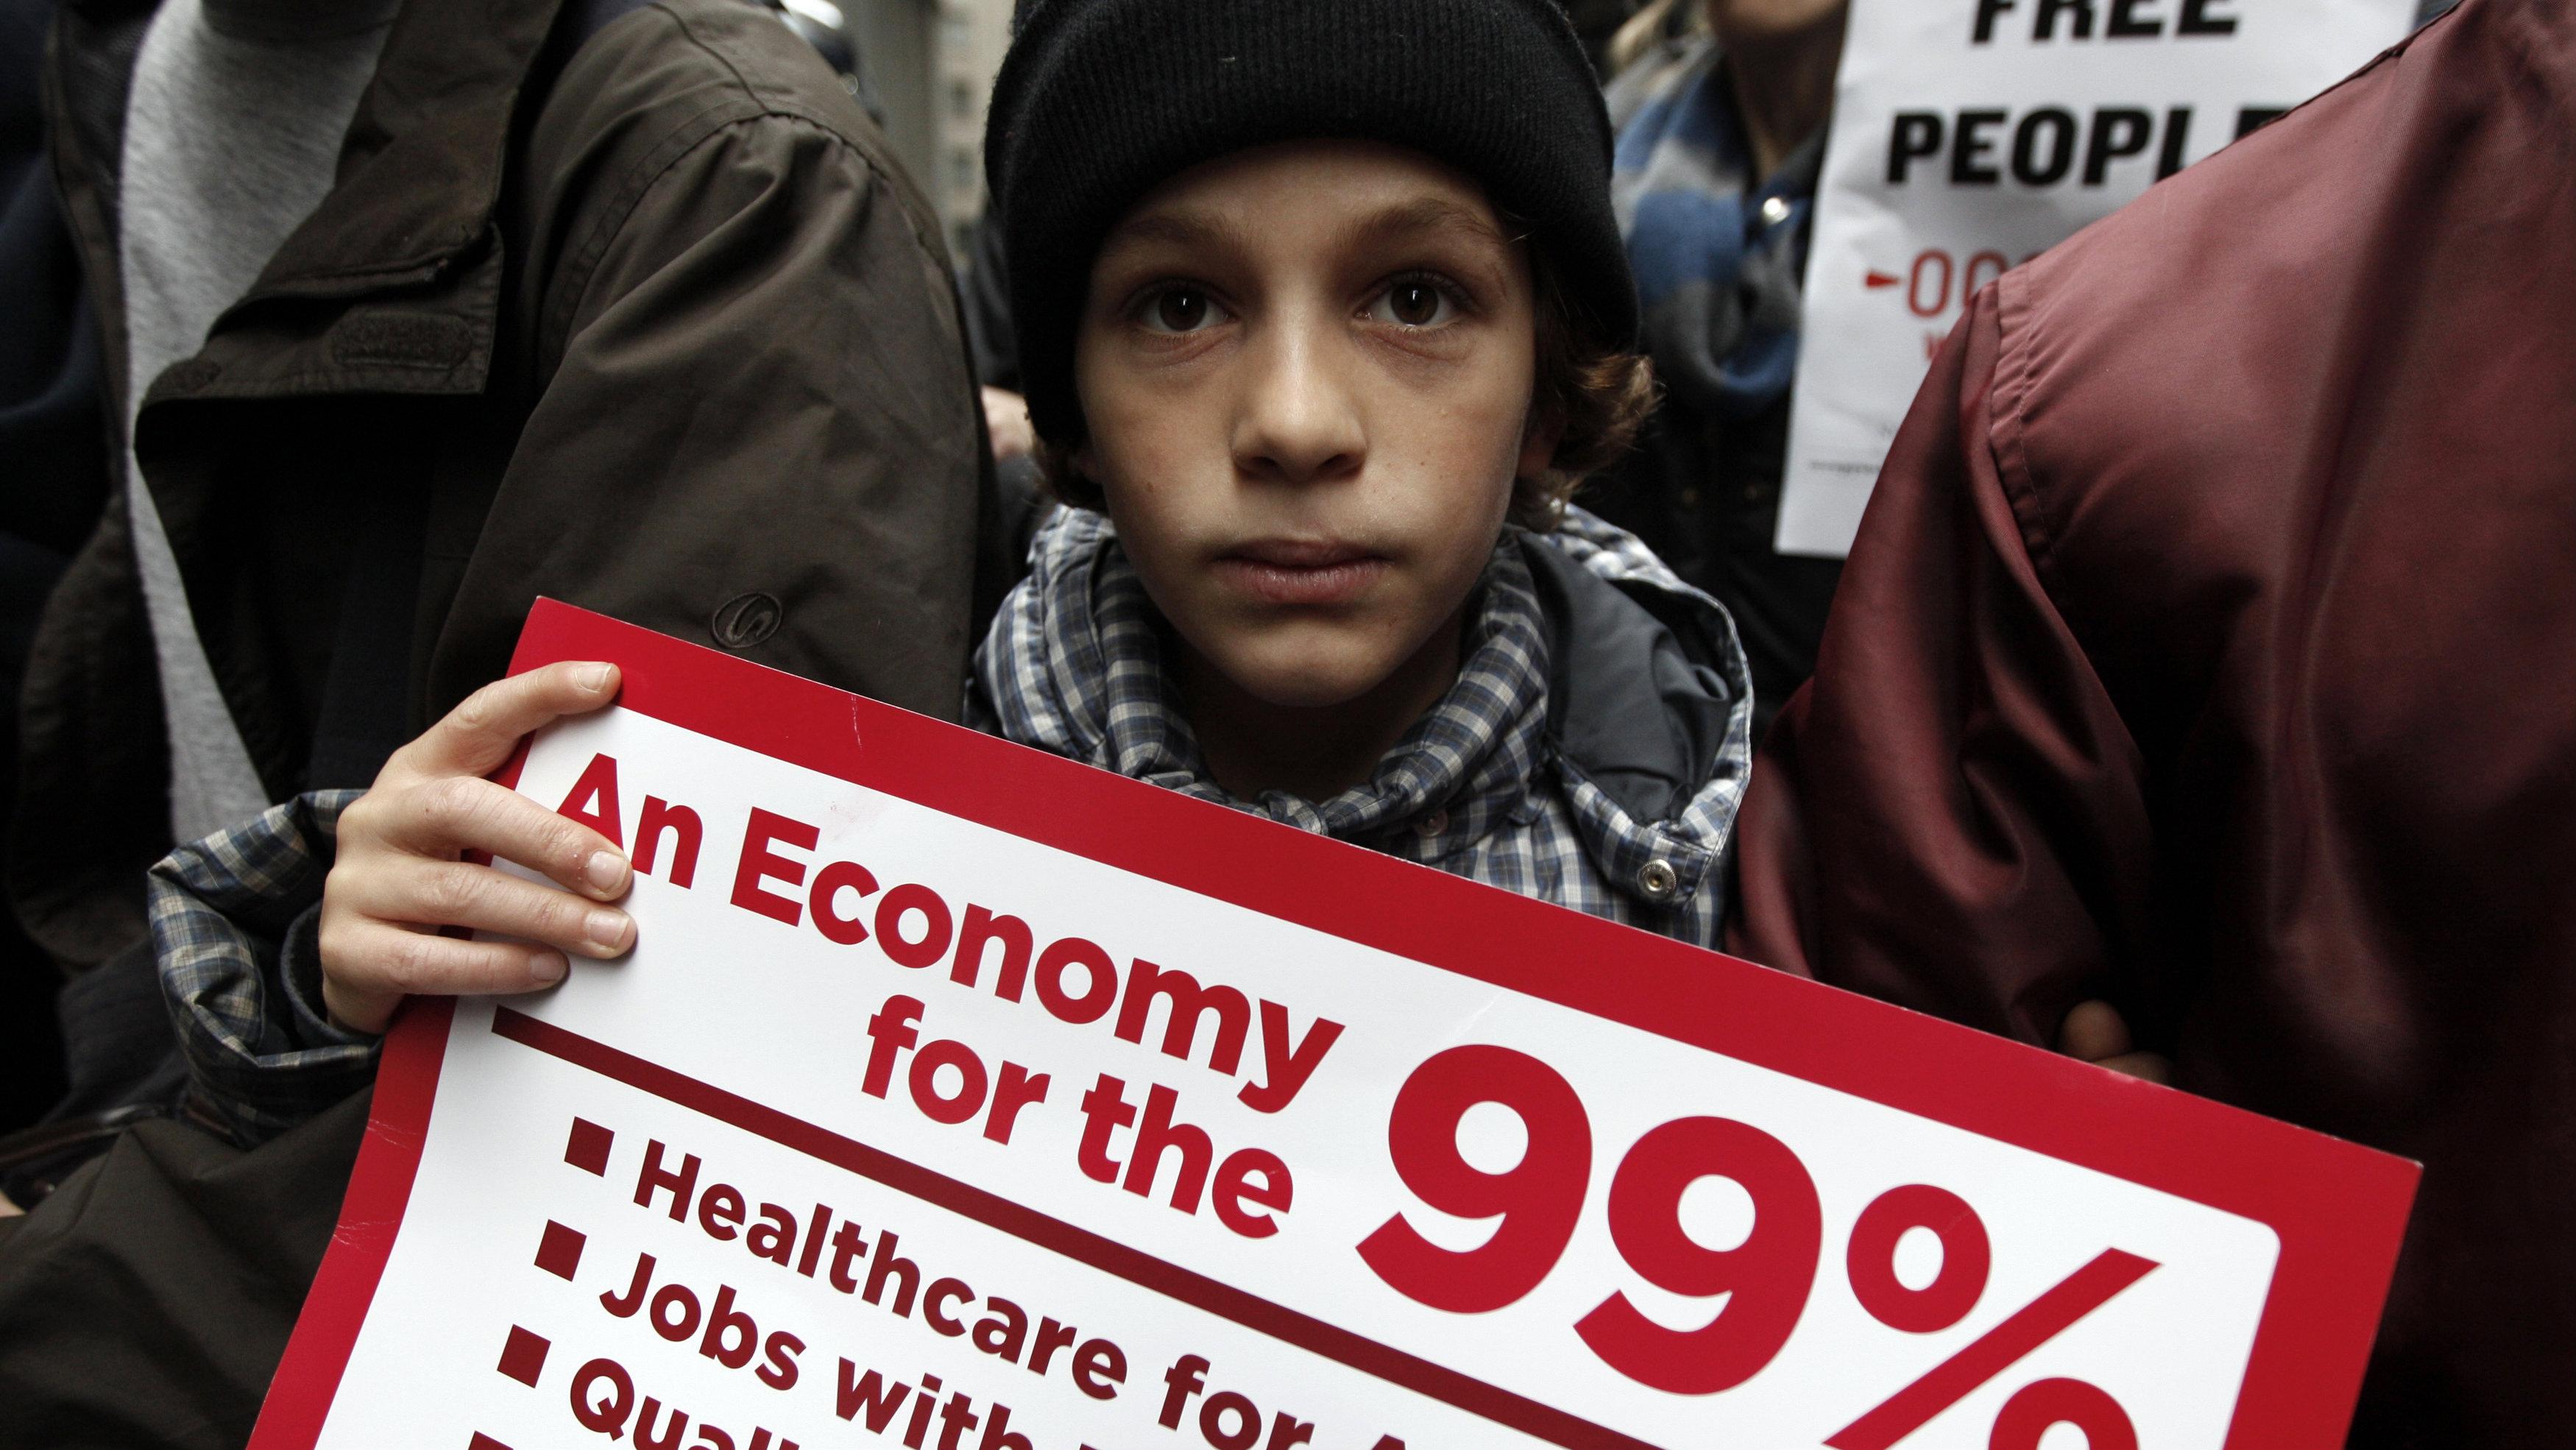 child protestor